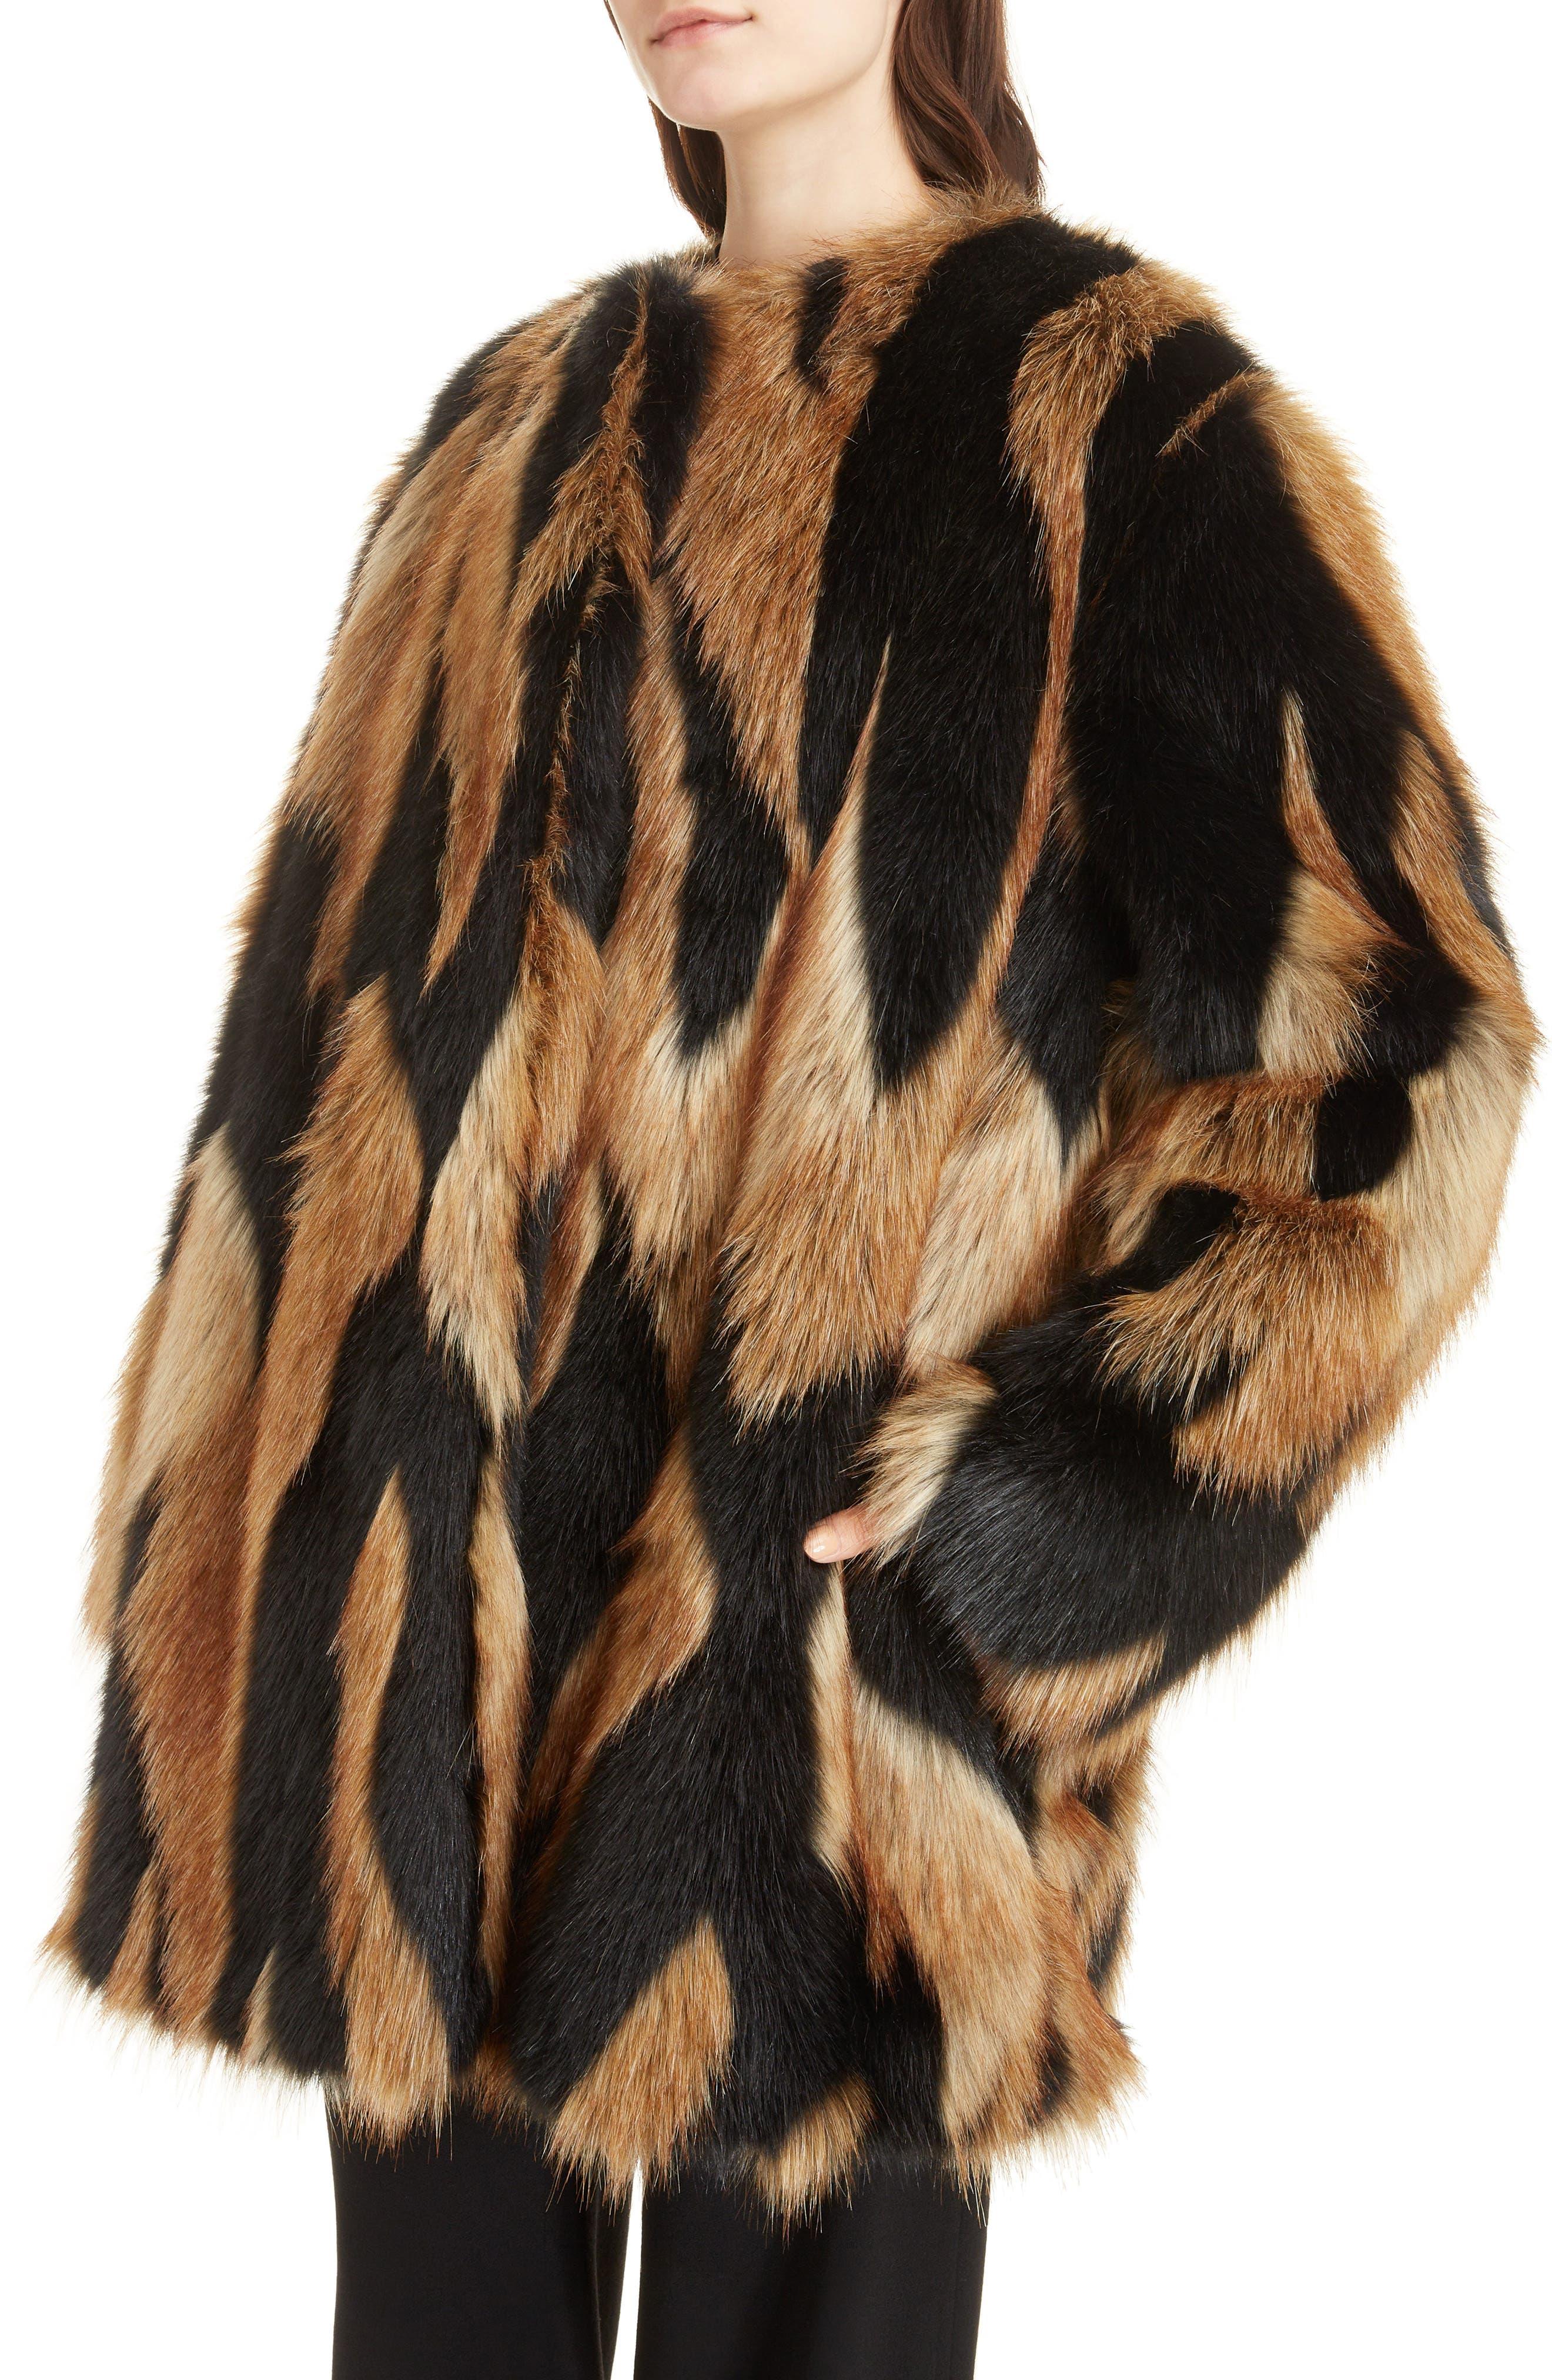 Bicolor Faux Fur Coat,                             Alternate thumbnail 4, color,                             002